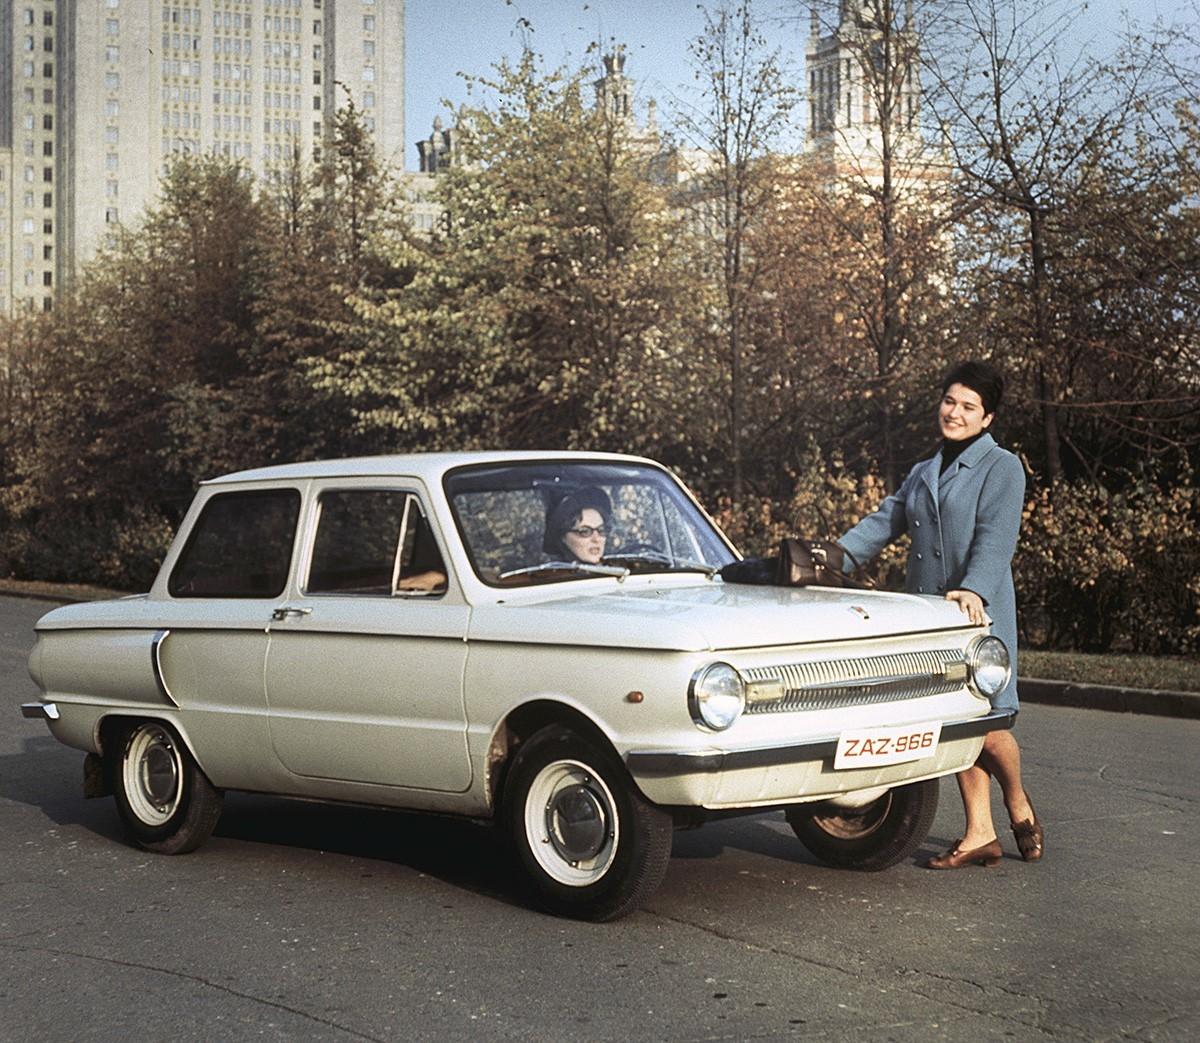 ZAZ-966, znan tudi kot »zaporožec«, iz Tovarne avtomobilov Zaporožje, proizveden leta 1970.